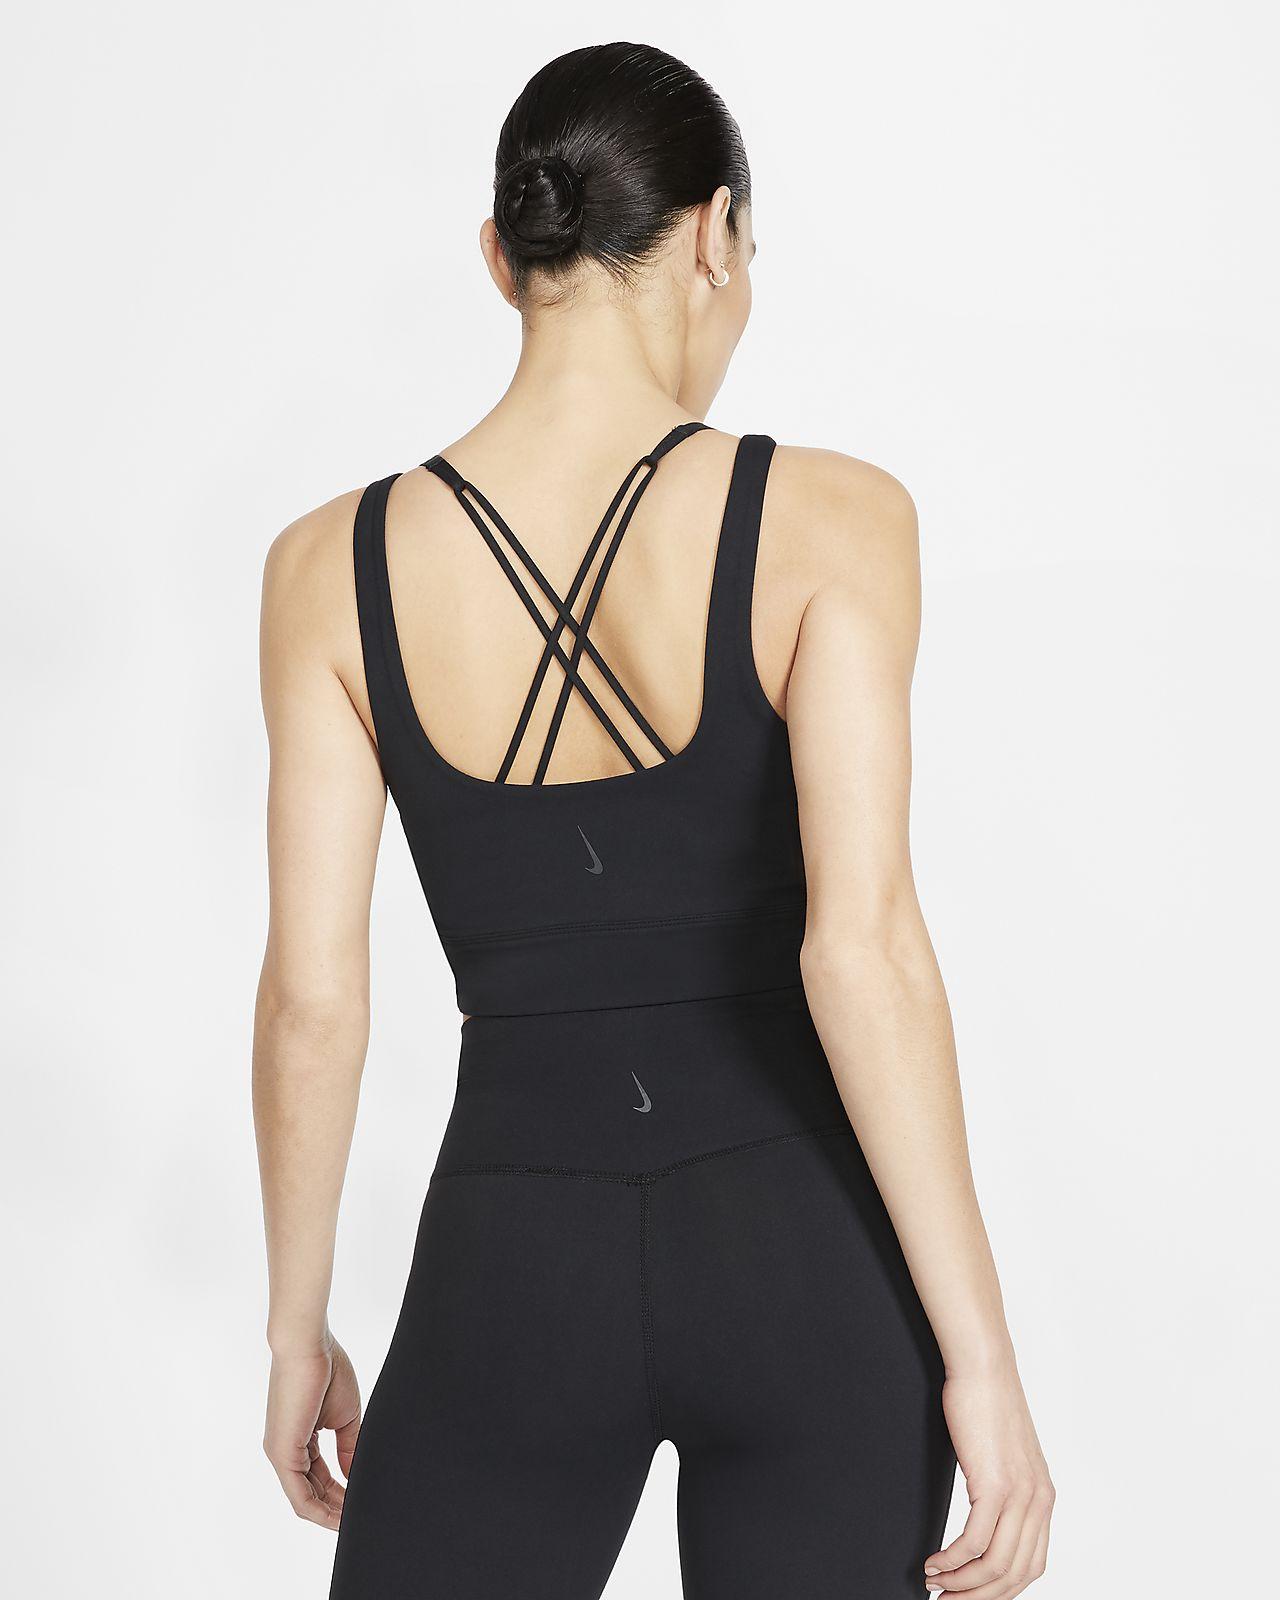 Débardeur métallisé Infinalon Nike Yoga Luxe pour Femme